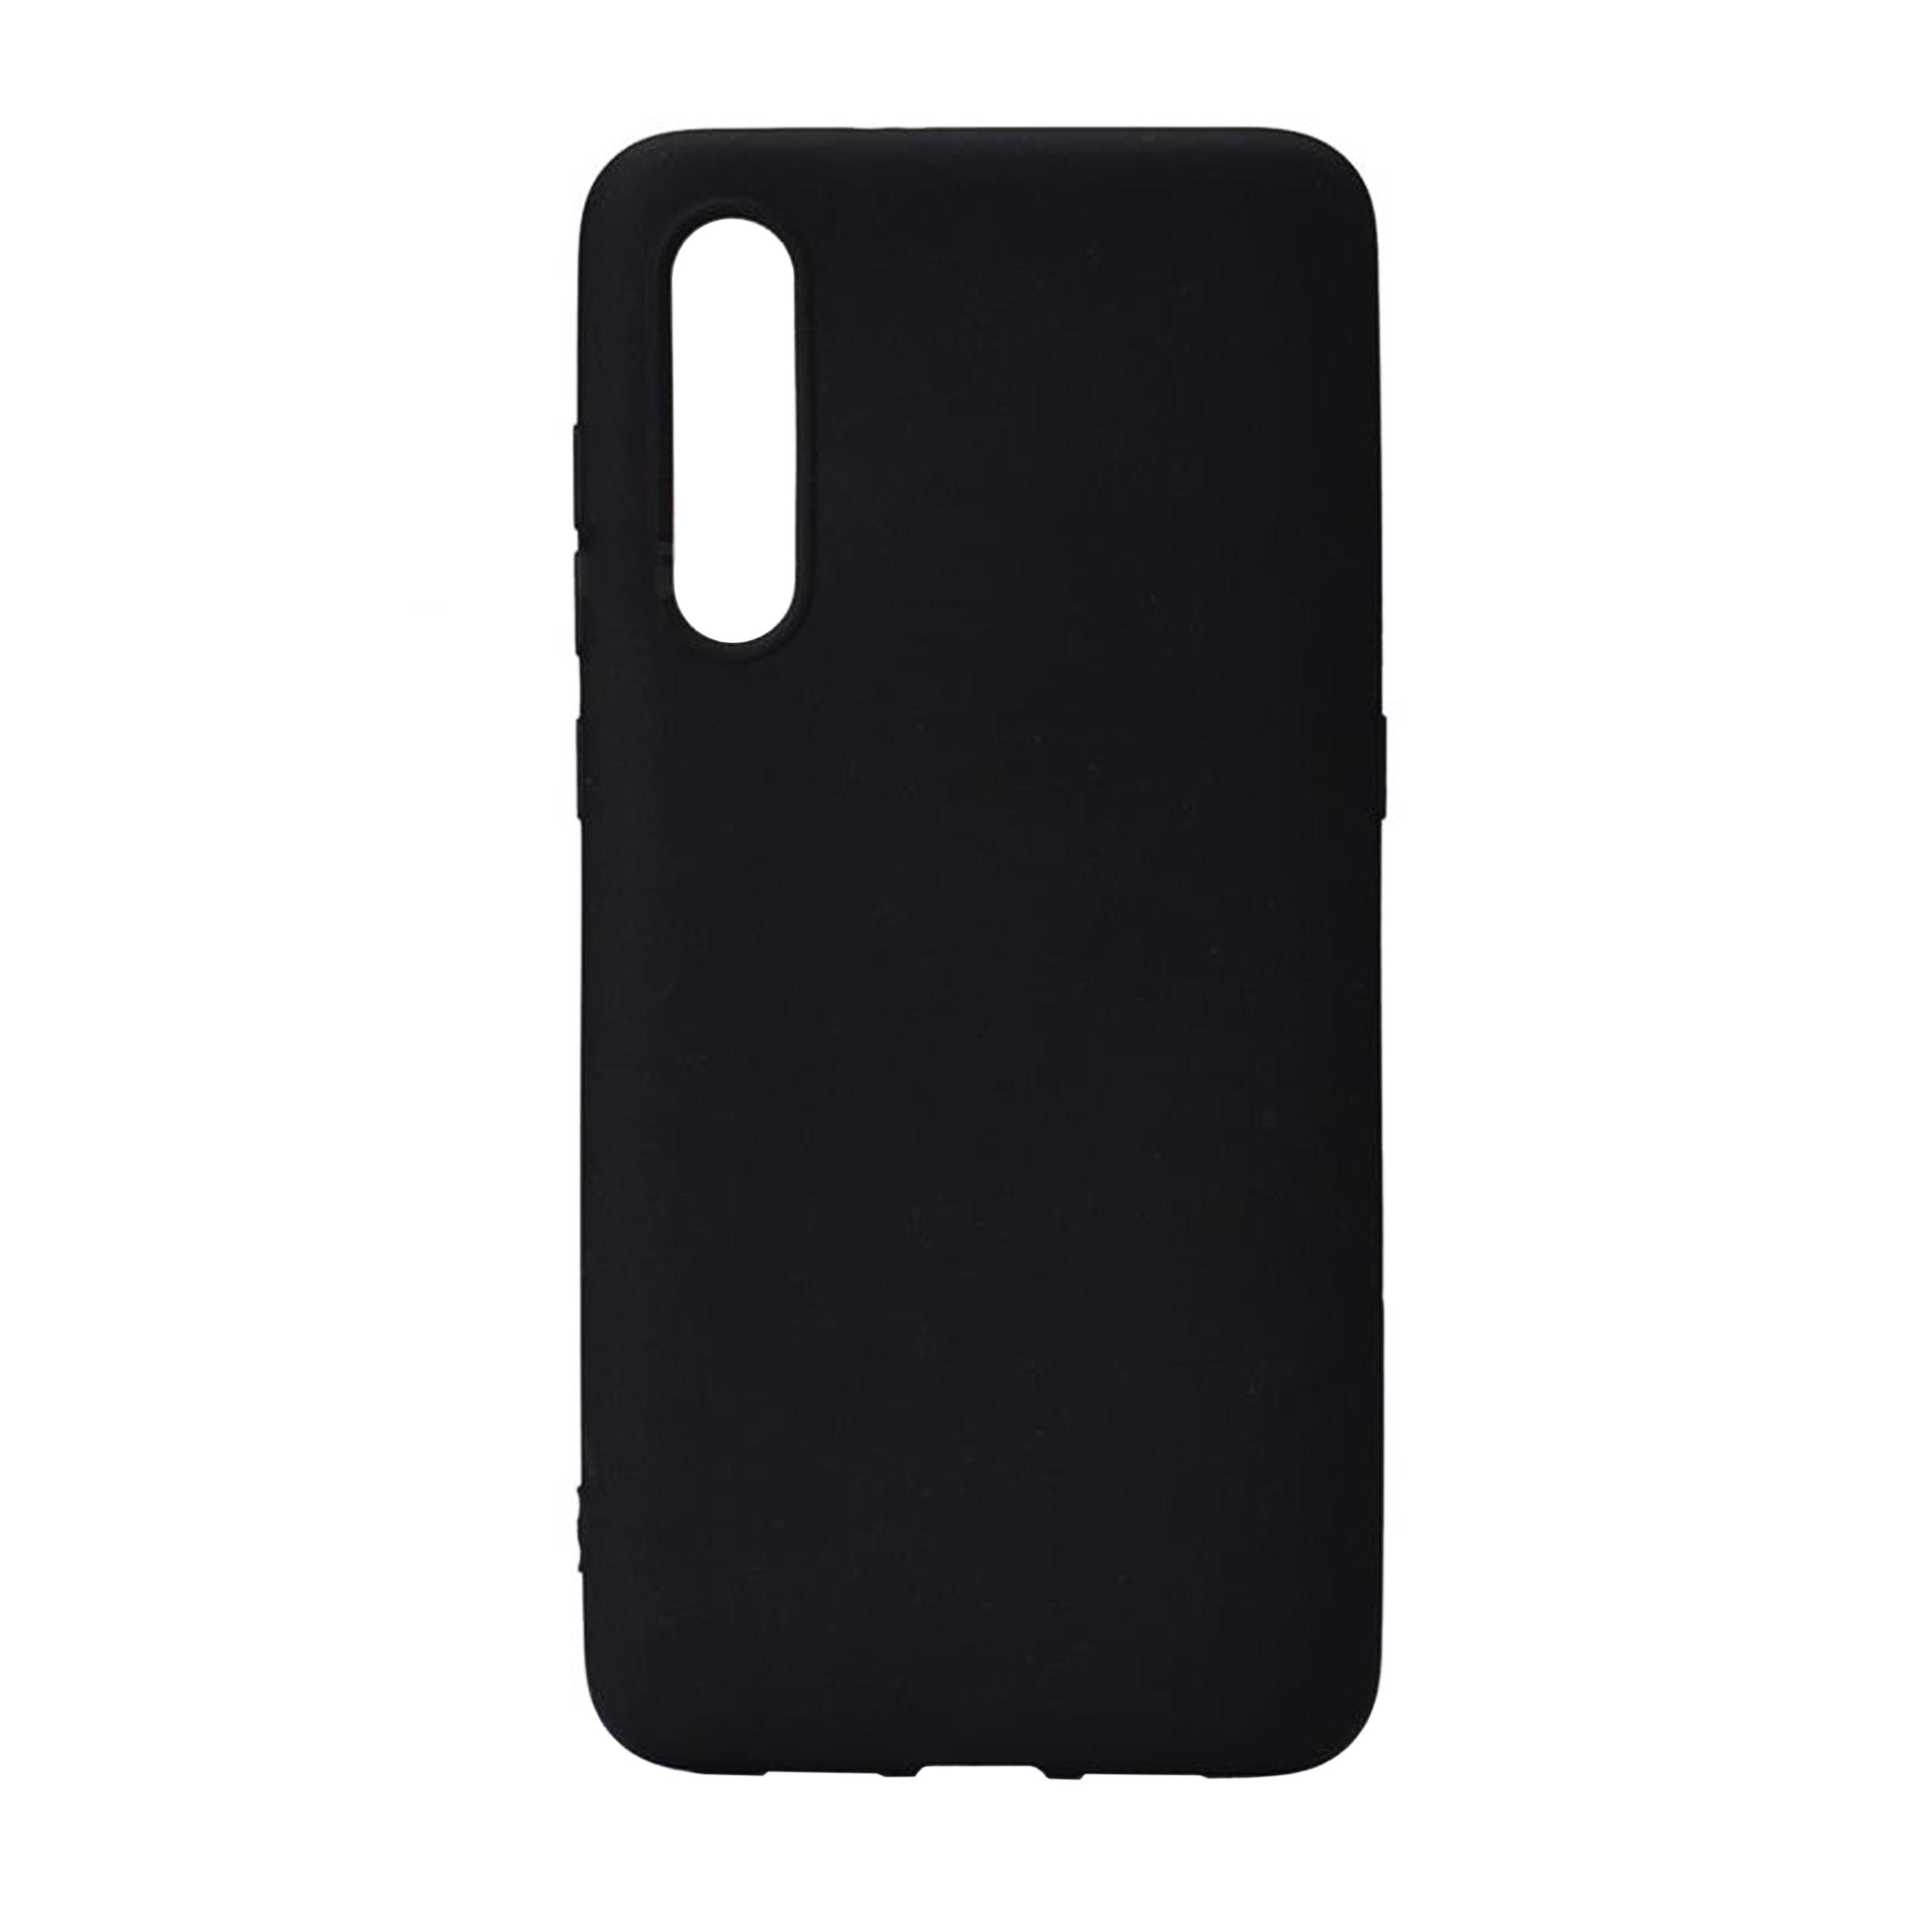 کاور مدل JEL-002 مناسب برای گوشی موبایل سامسونگ Galaxy A30s